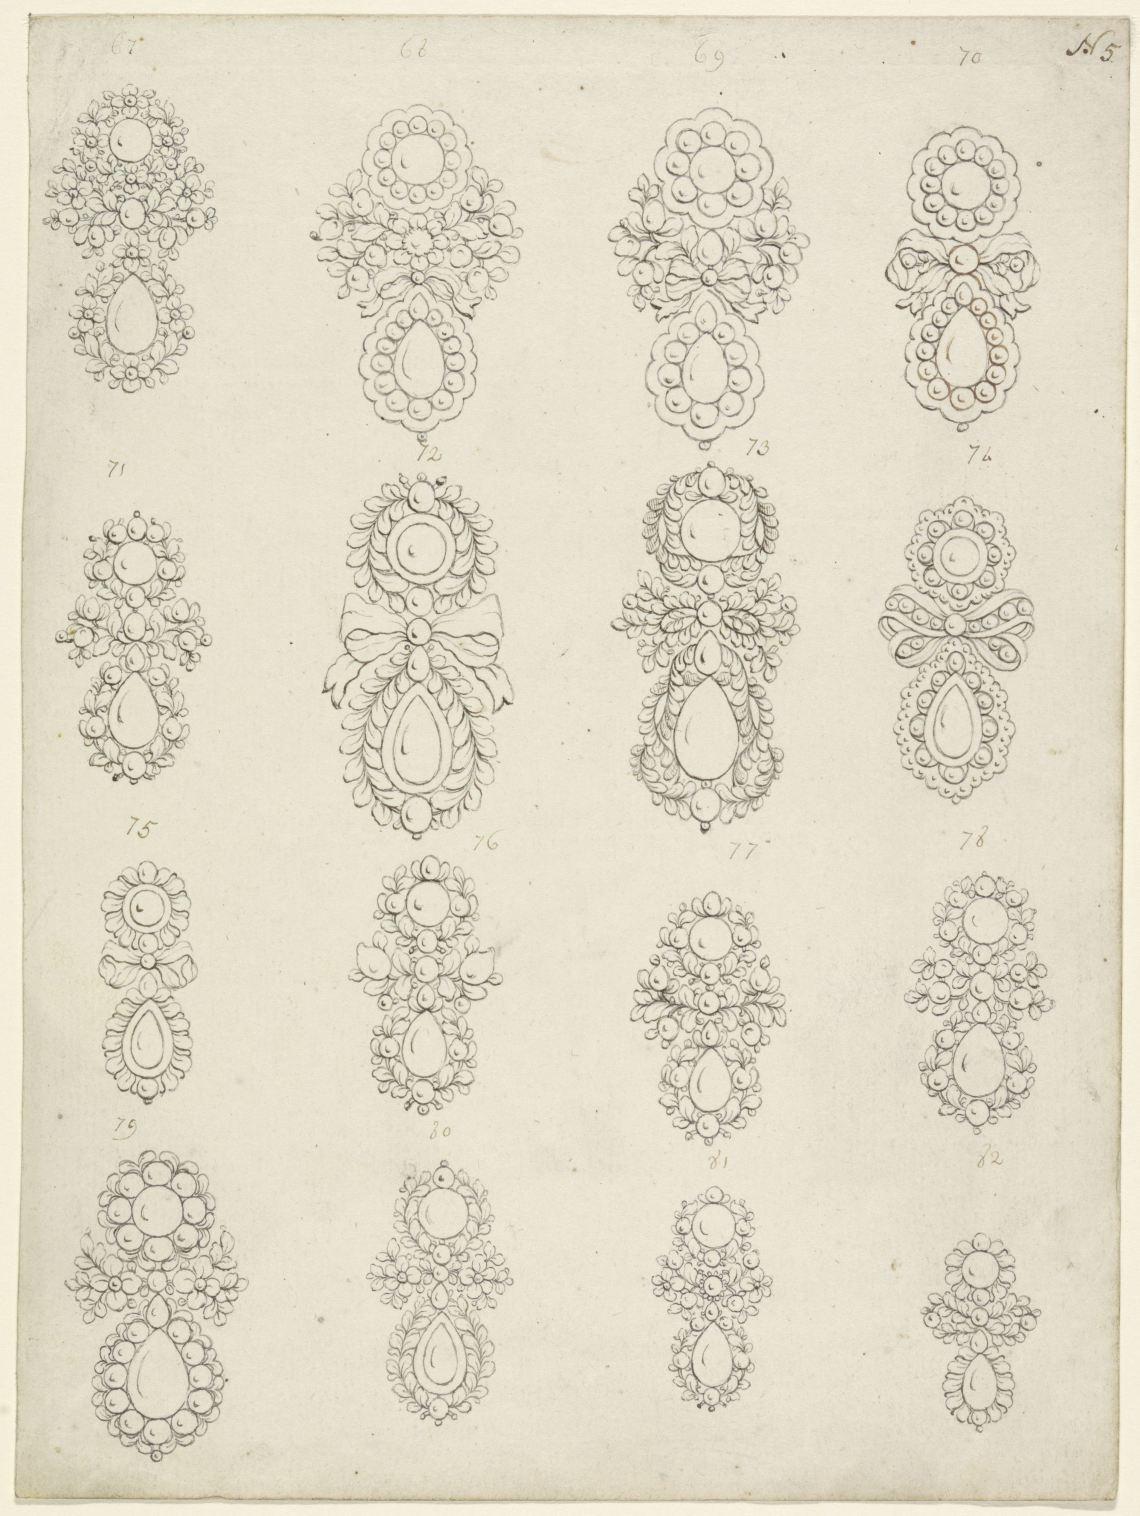 Tekening met 16 oorbelontwerpen, Collectie Rijksmuseum, RP-T-1965-3, publiek domein